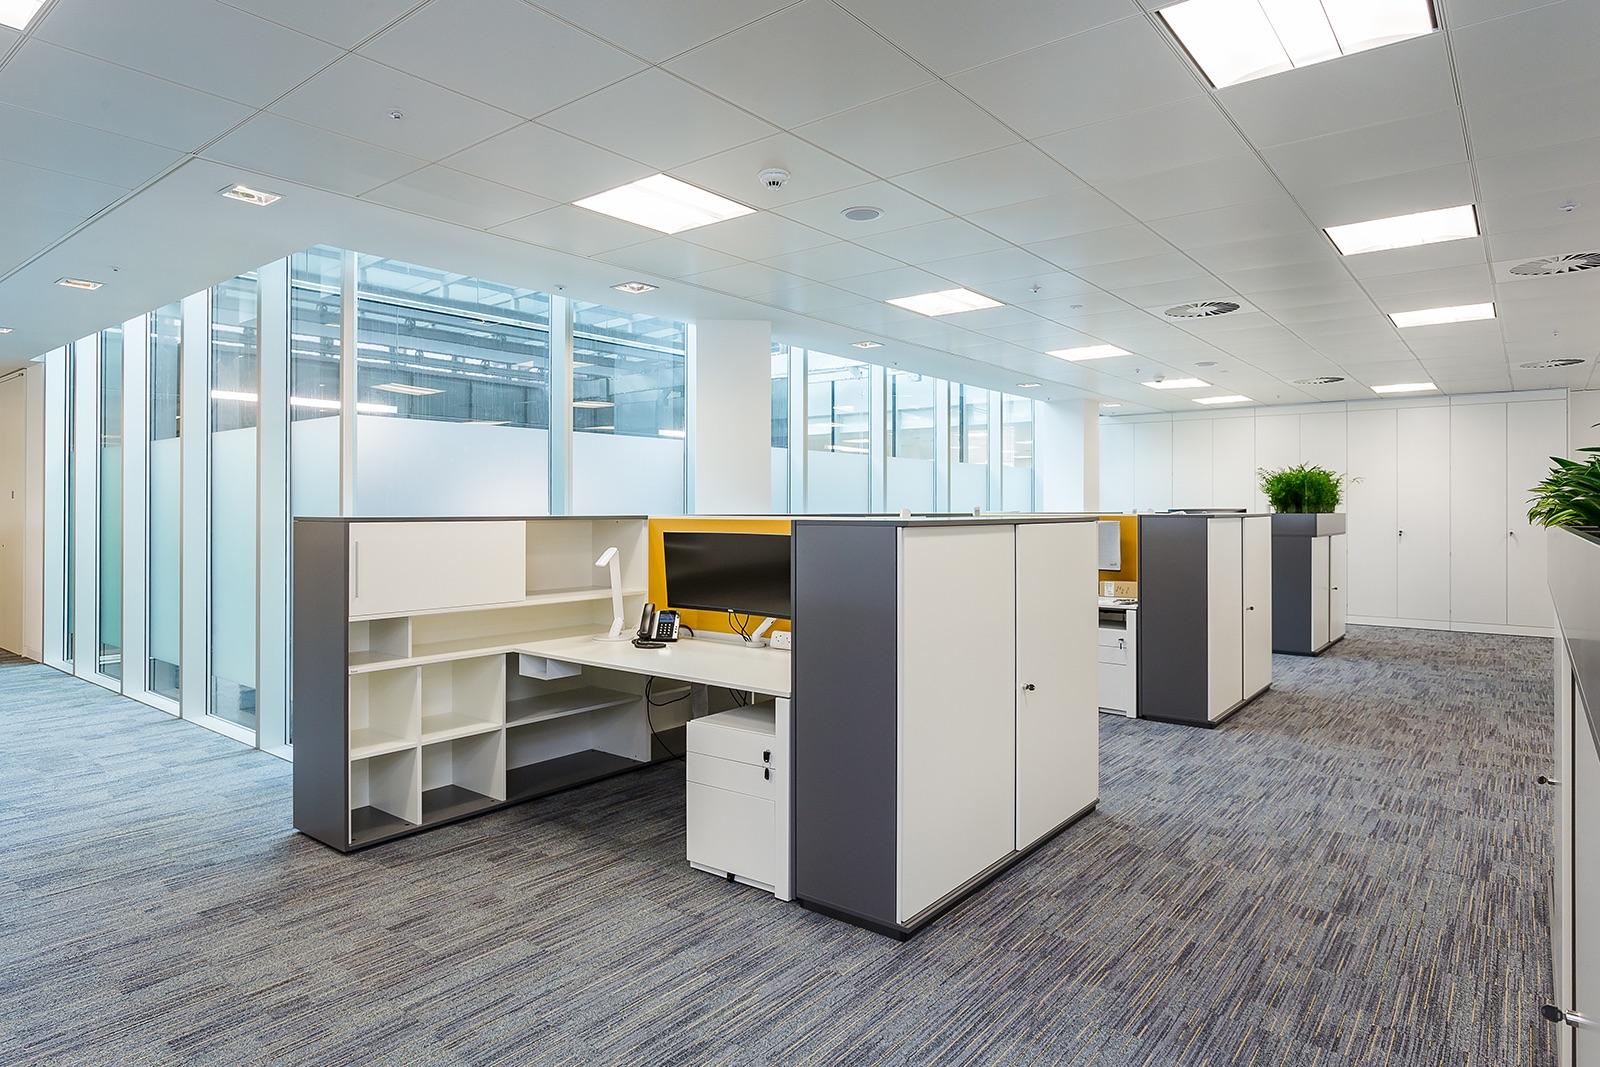 wedlake-bell-office-12